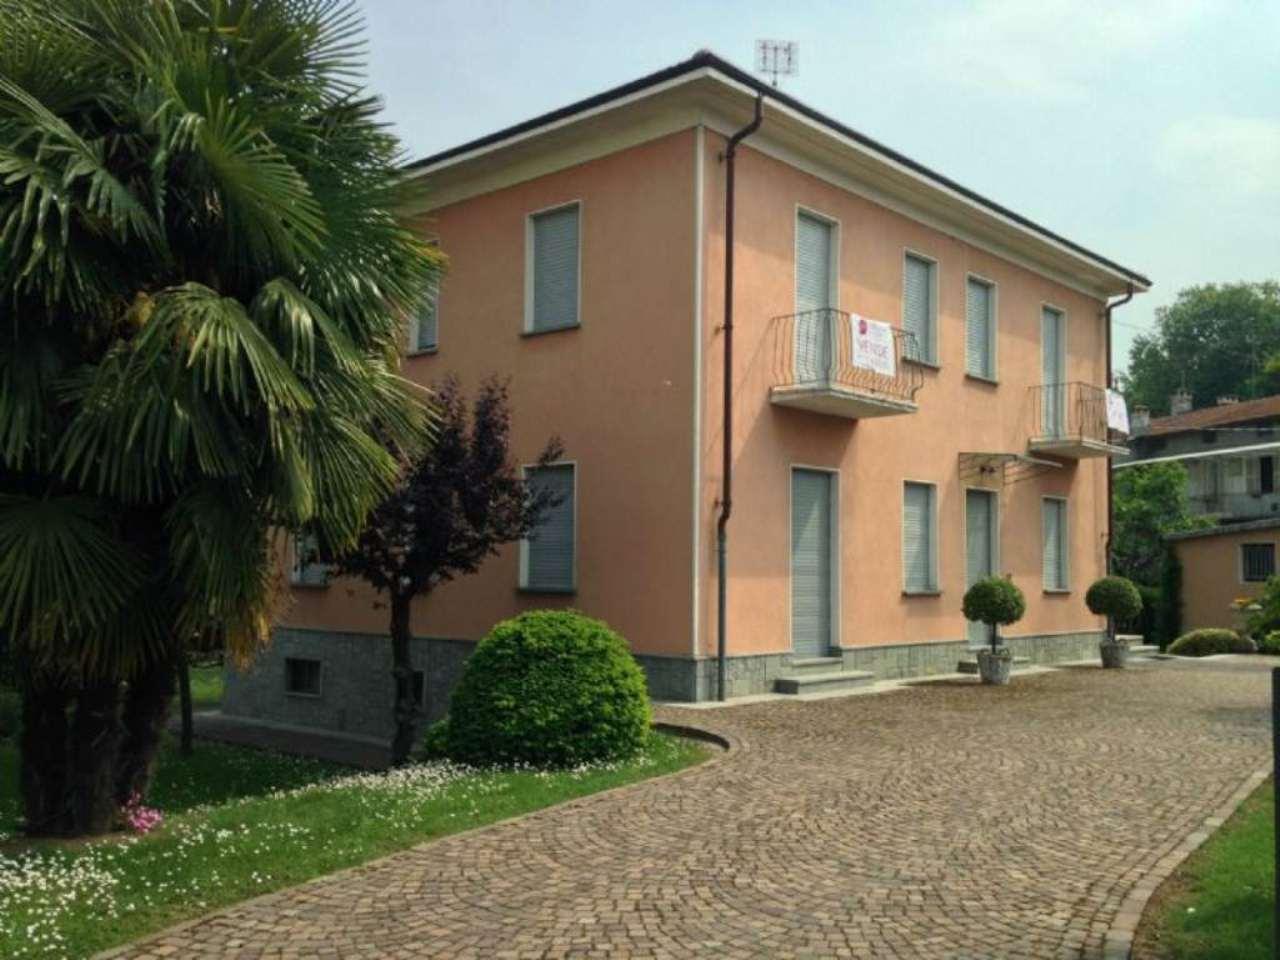 Villa in vendita a Cuneo, 10 locali, prezzo € 420.000 | Cambio Casa.it